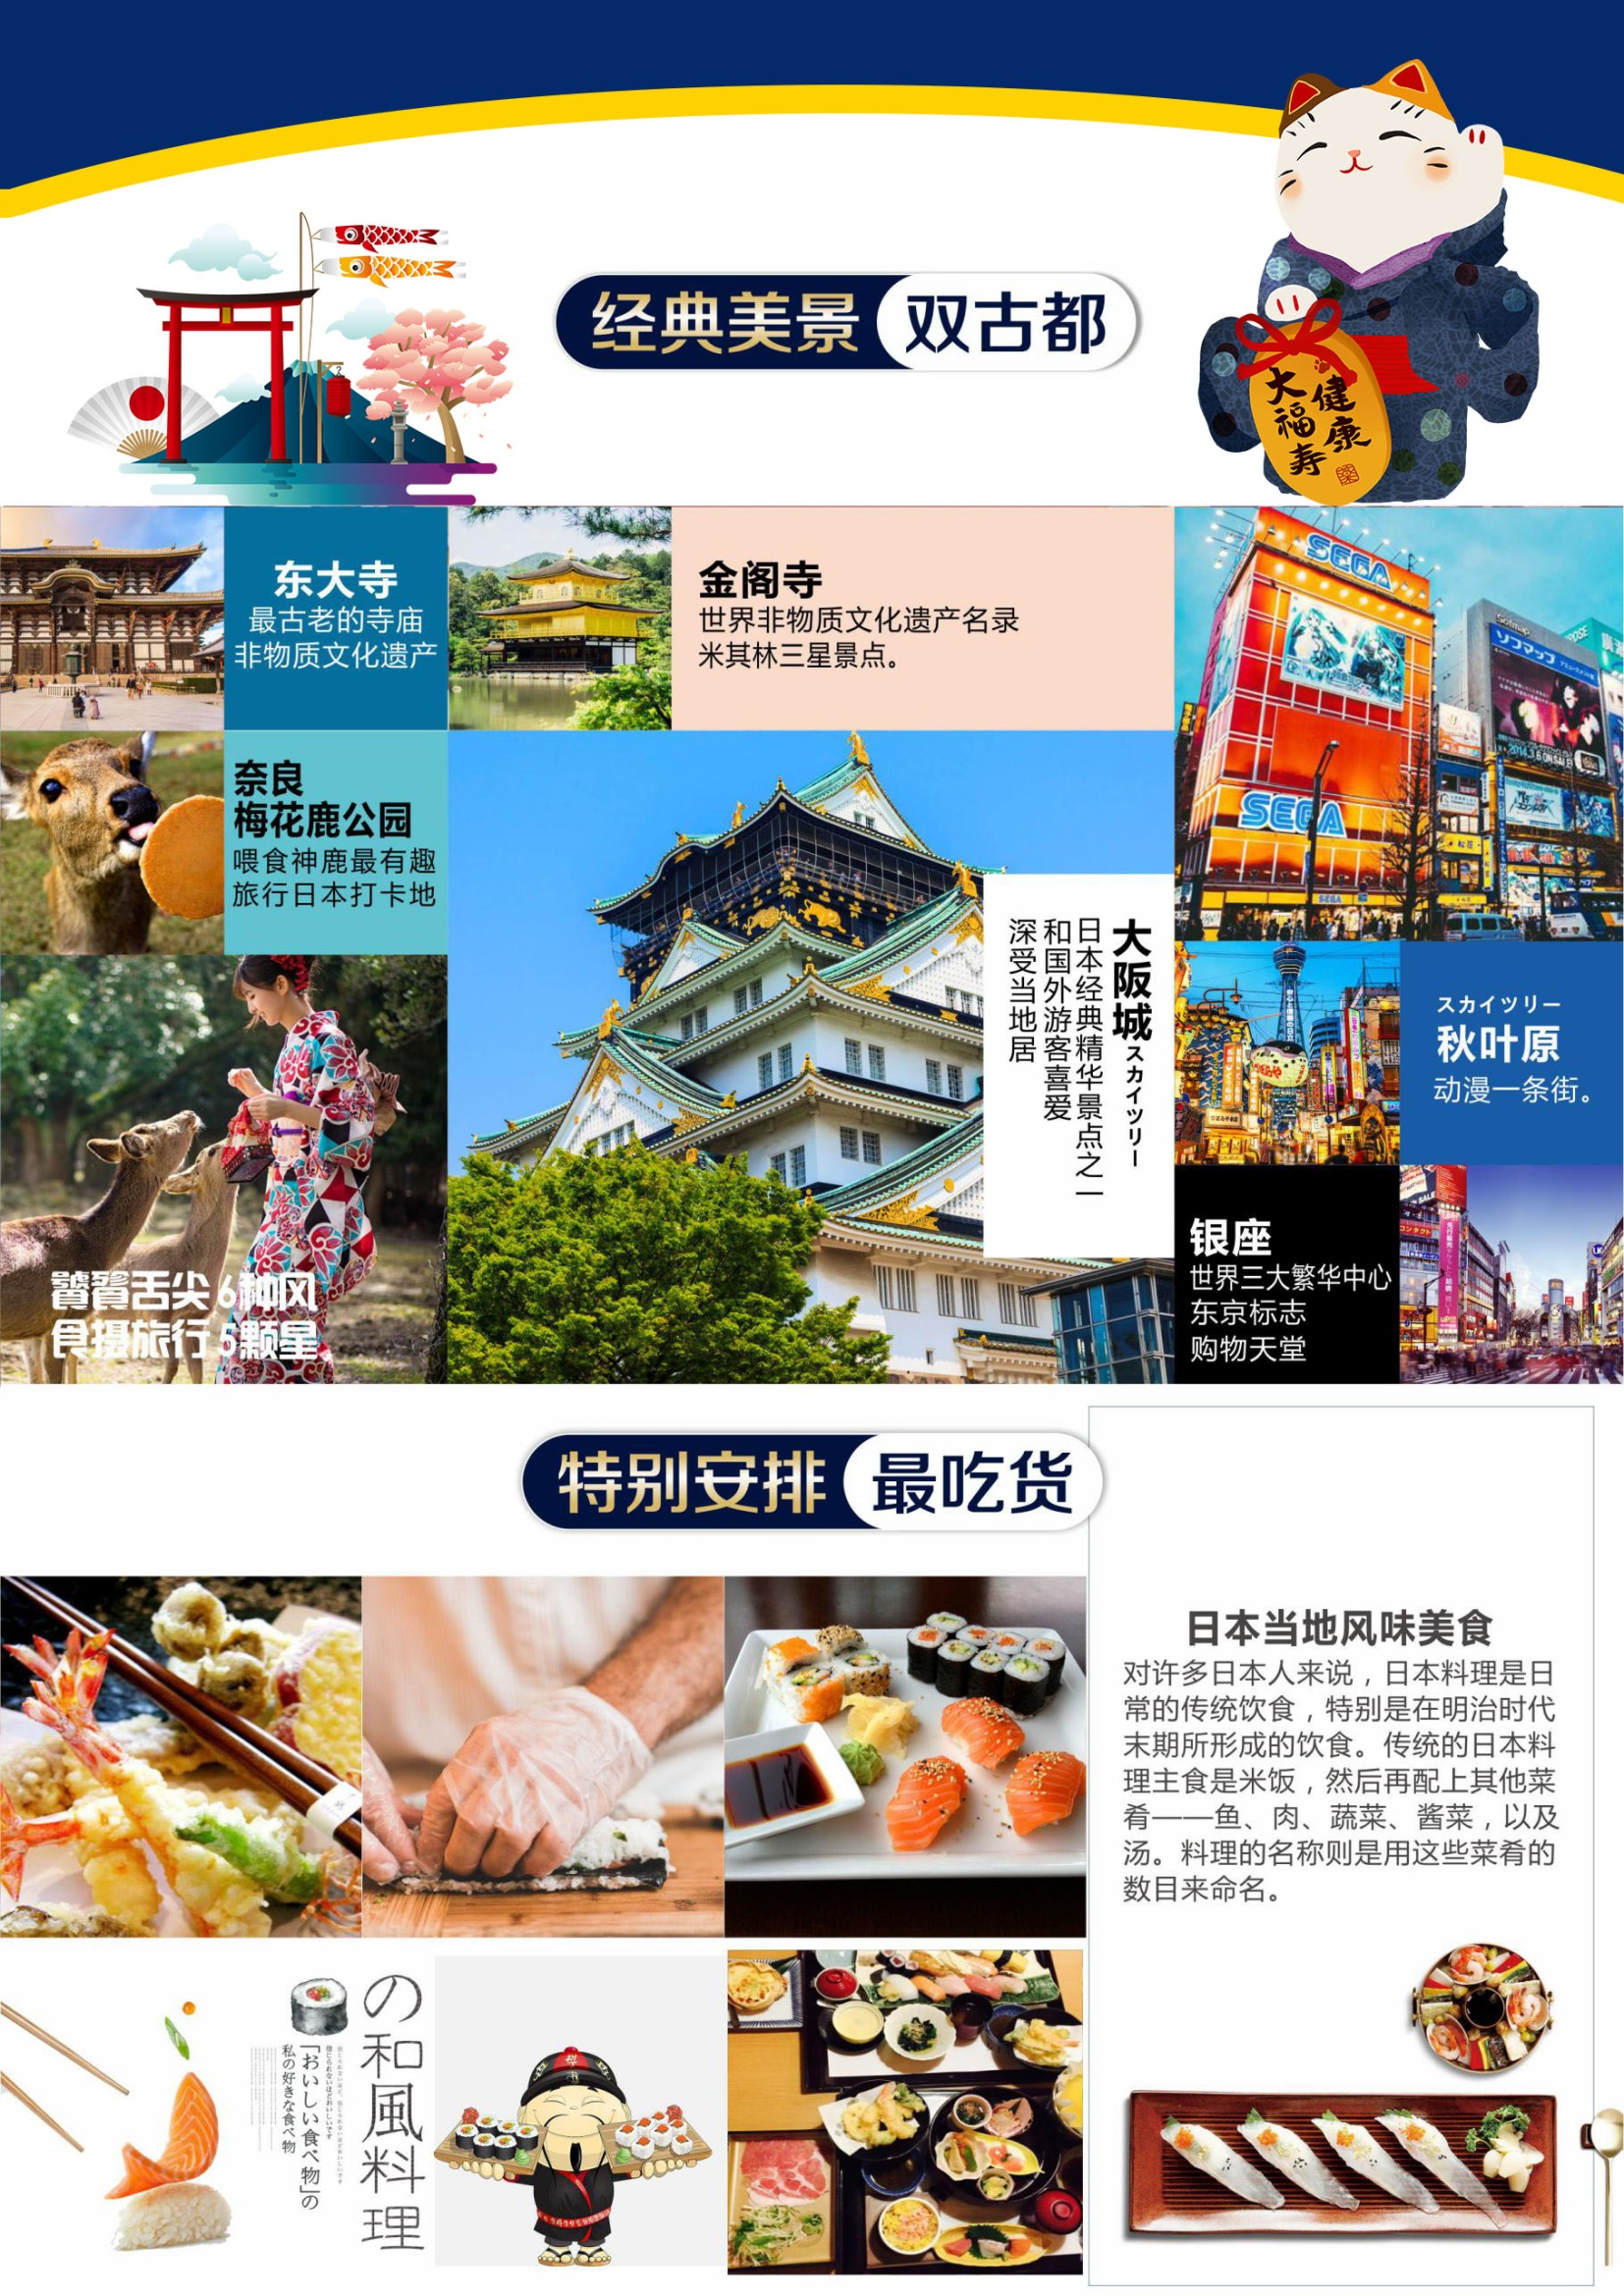 寒假双乐园 (5).jpg